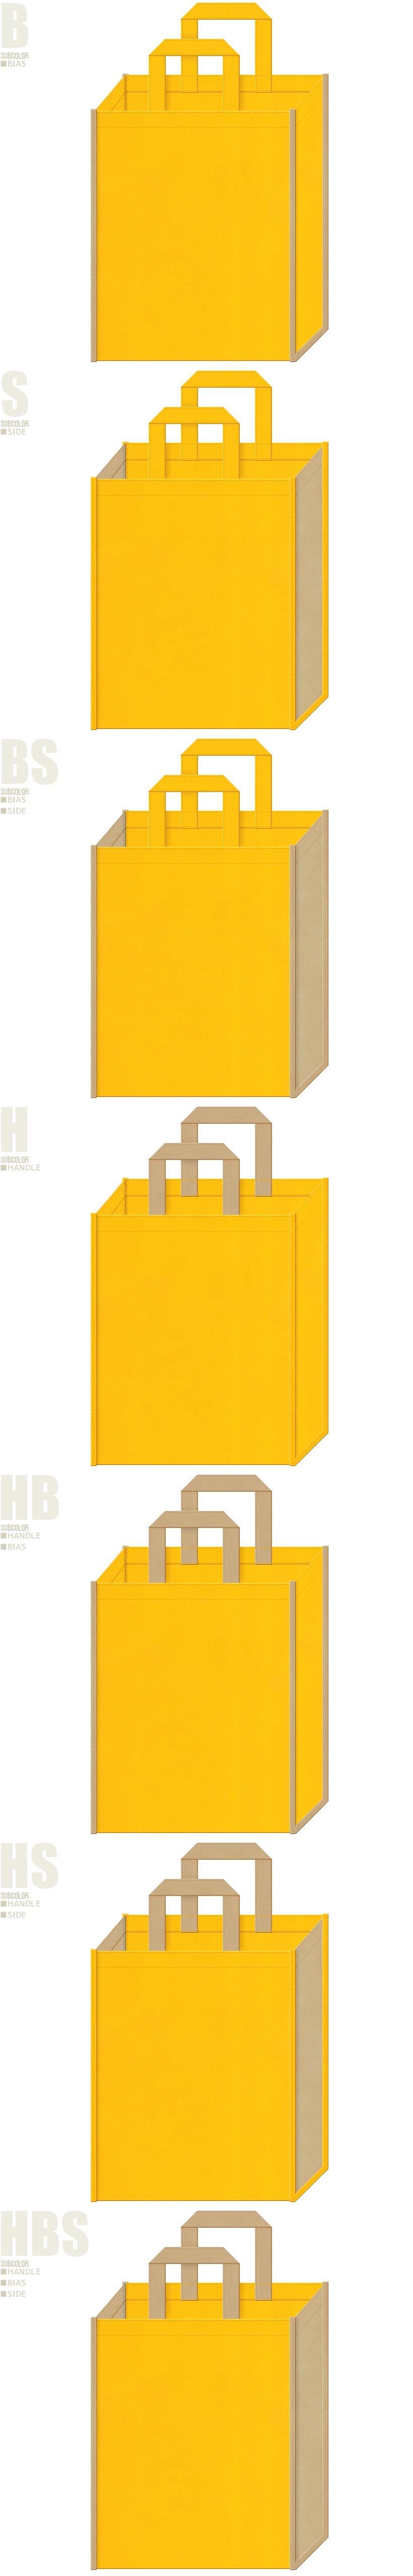 はちみつ・バター・マロンケーキ・スイーツ・ベーカリーショップ・日曜大工・木工・工作教室・DIYイベントにお奨めの不織布バッグデザイン:黄色とカーキ色の配色7パターン